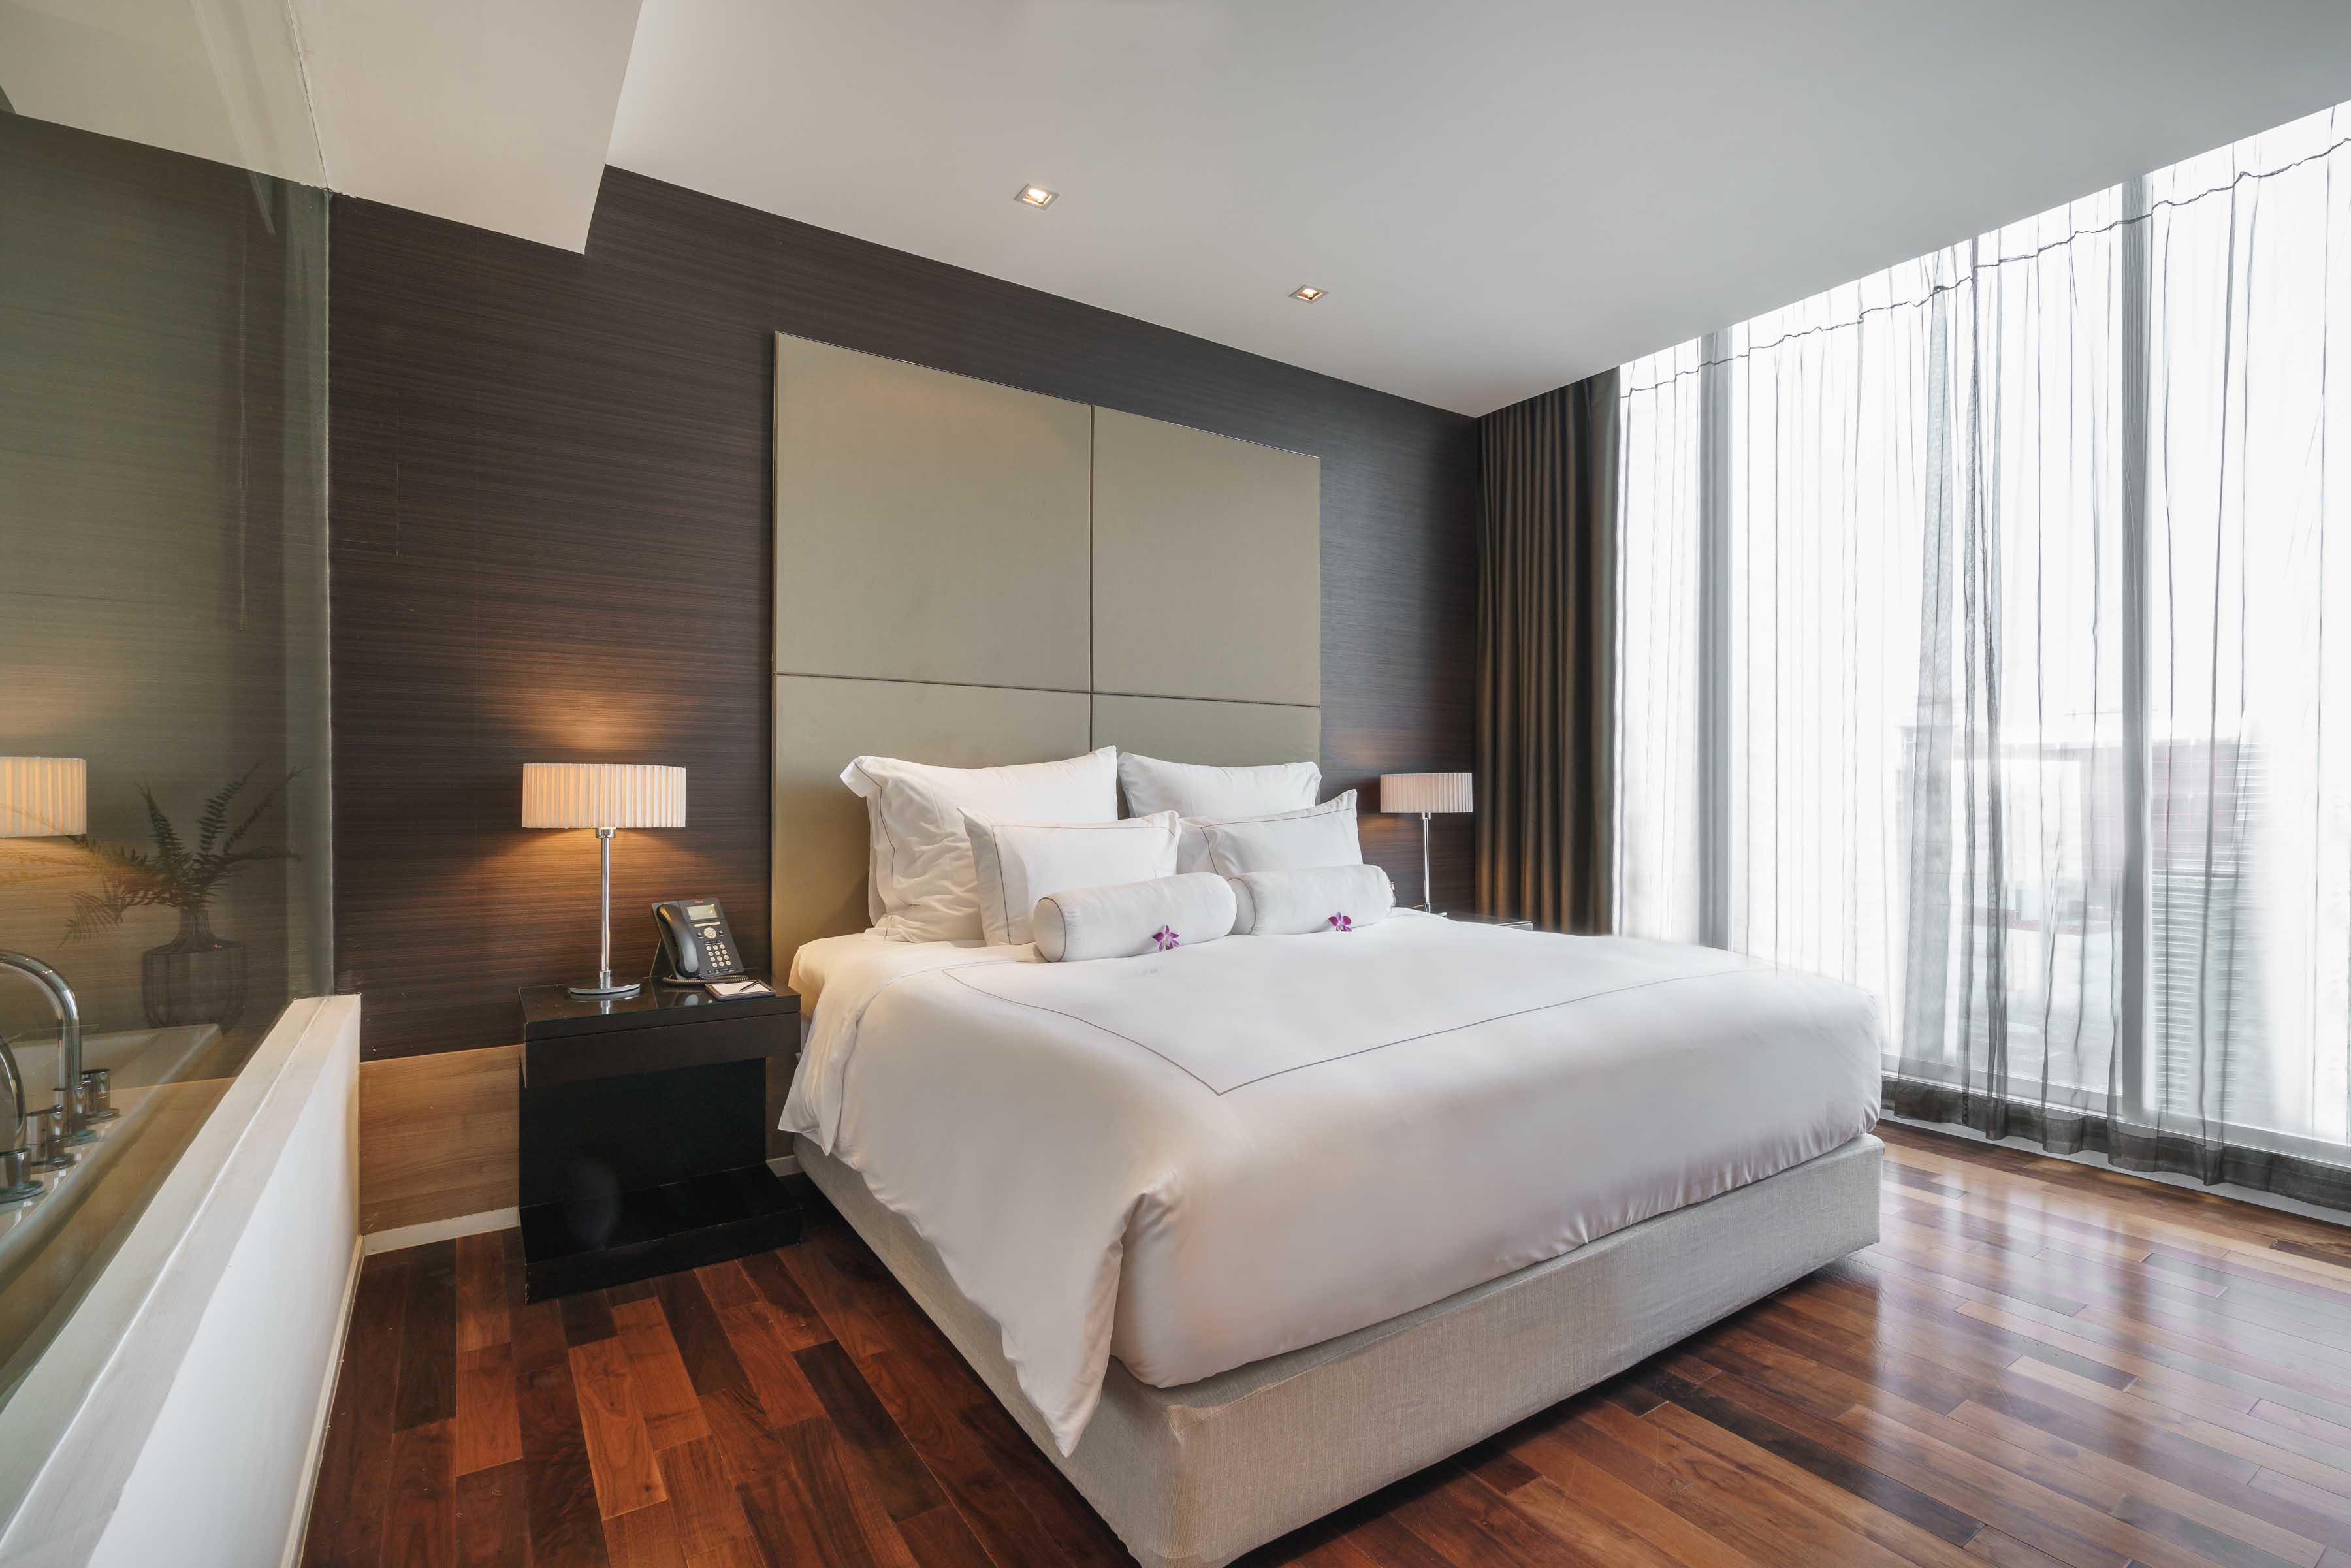 akyra Thonglor Bangkok - Luxury One Bedroom Hotel Suites Living Space